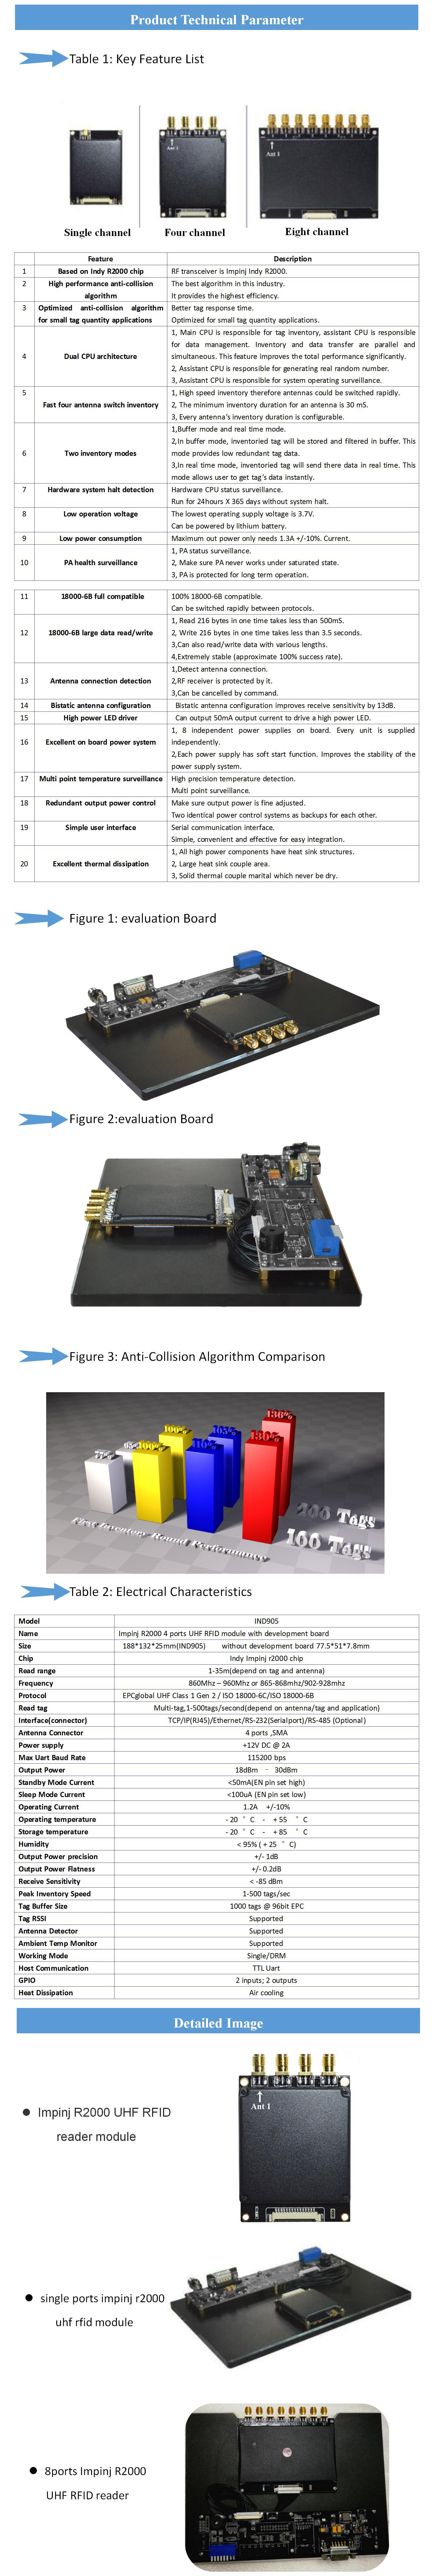 Entrepôt suivi des stocks 4ports impinj R2000 lecteur module fixe module de lecteur de la fréquence ultra-haute rfid avec test gratuit étiquette échantillon gratuit SDK